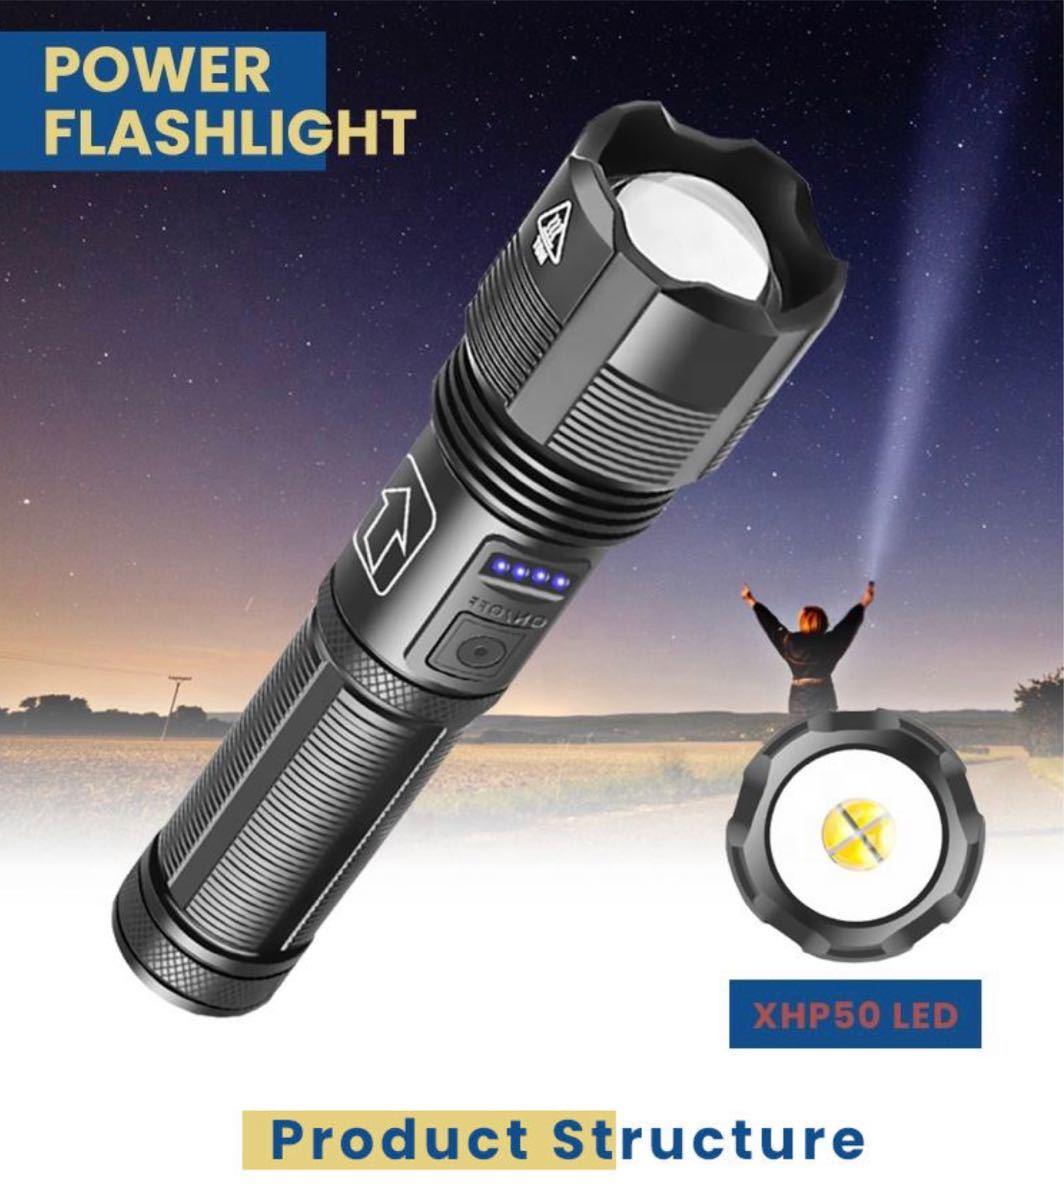 最新LED XHP50!超強力・高輝度タクティカルハンディライト・ランタン 懐中電灯3※18650バッテリー+充電器付!アウトドア